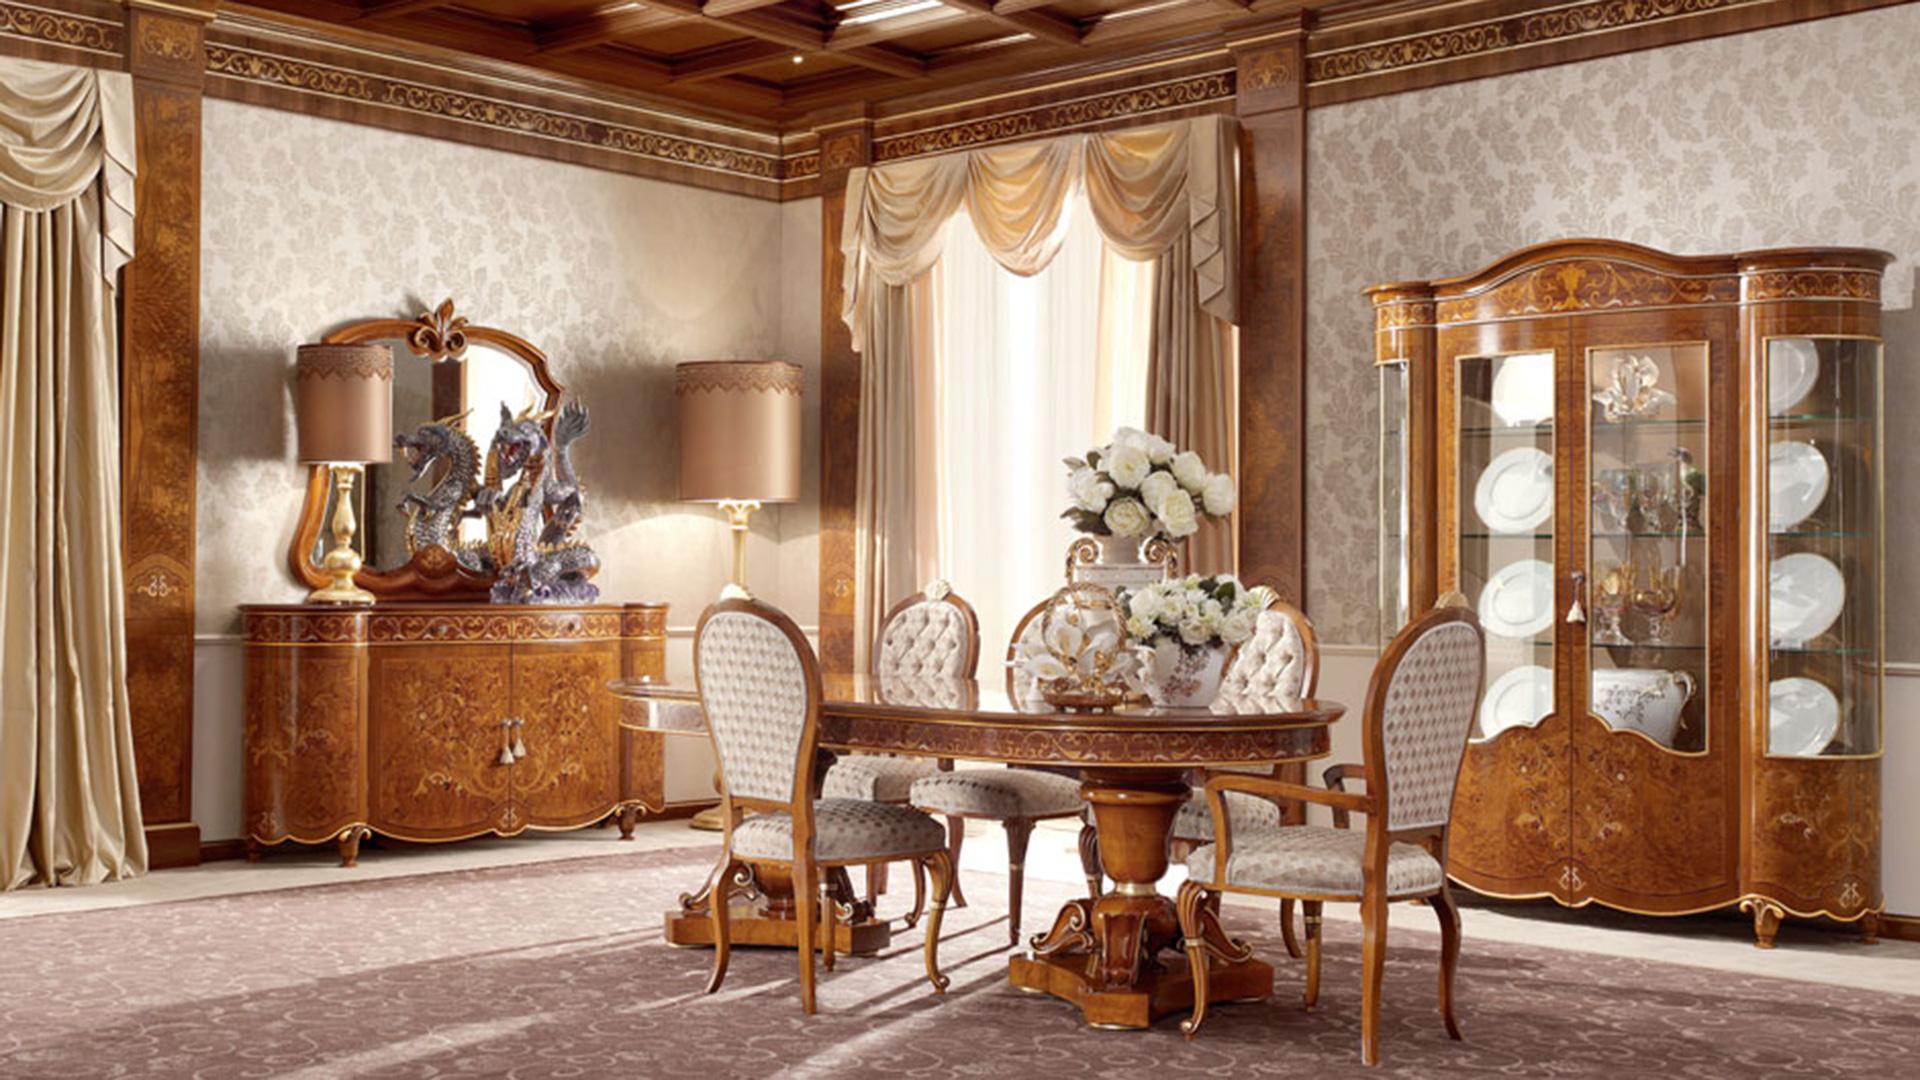 Arredamenti E Idee Per La Casa. Arredamenti E Forniture In Costiera  #421D12 1920 1080 Tavoli E Sedie Per Sala Da Pranzo